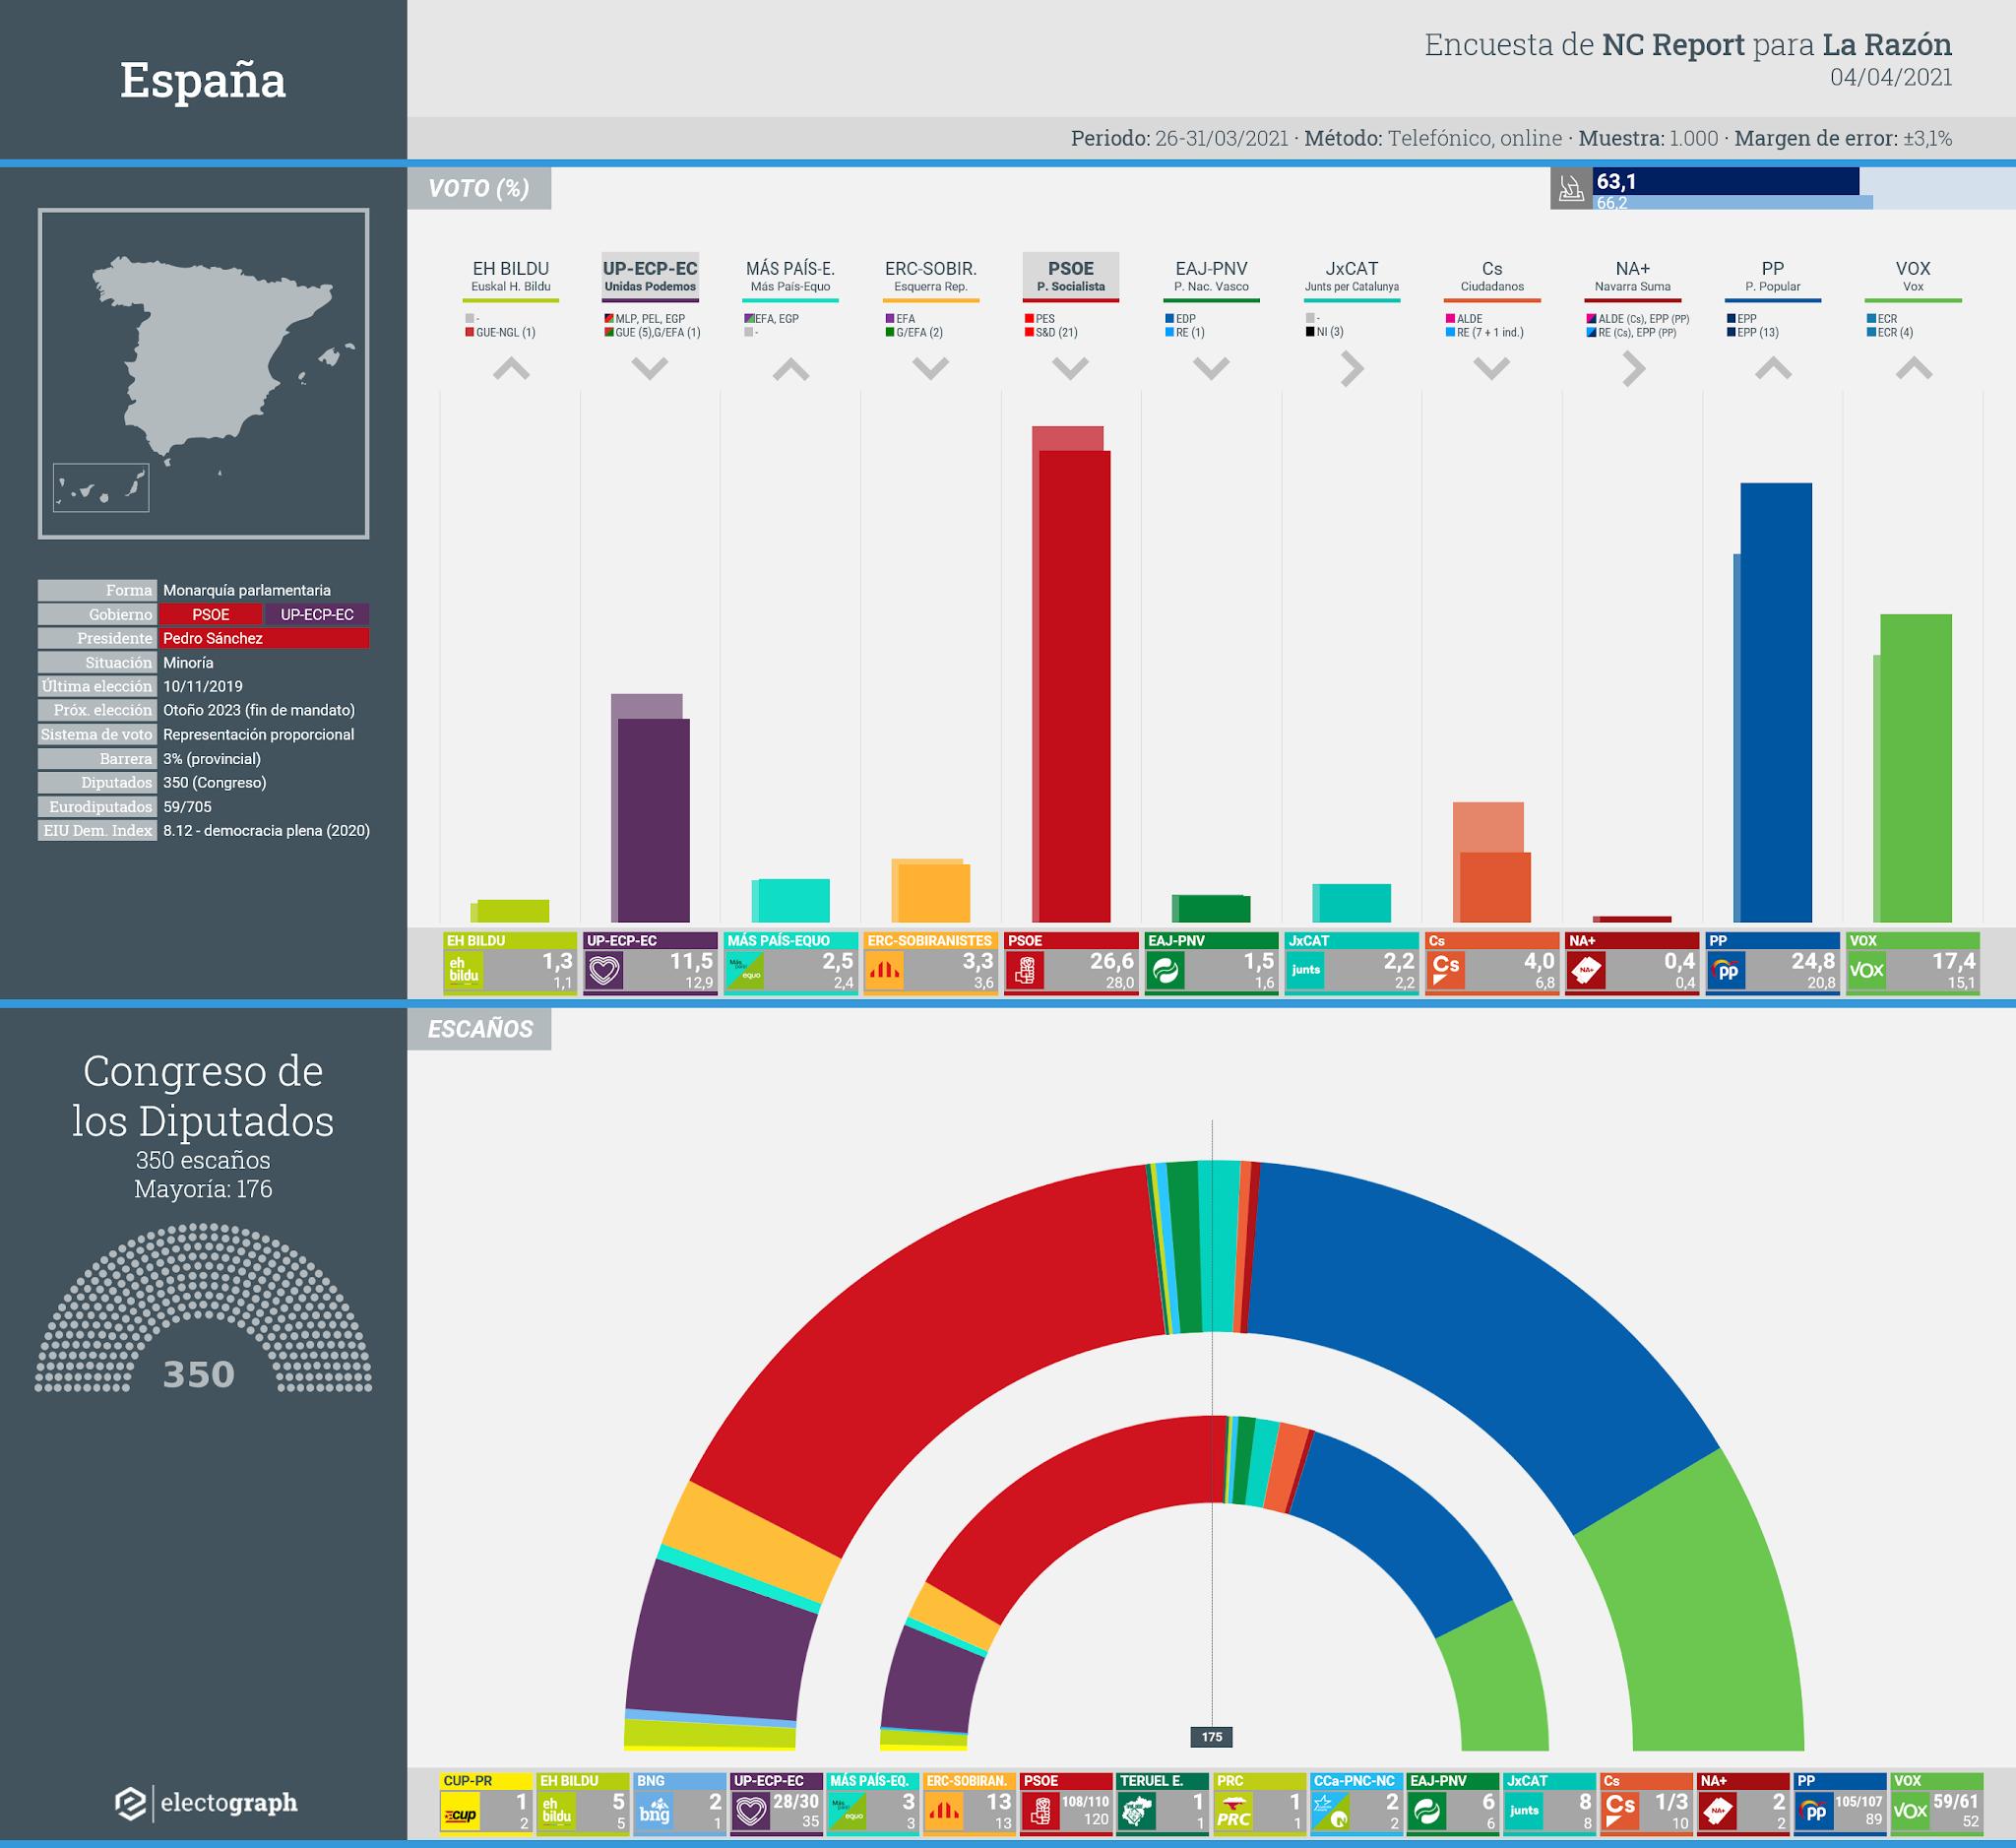 Gráfico de la encuesta para elecciones generales en España realizada por NC Report para La Razón, 4 de abril de 2021